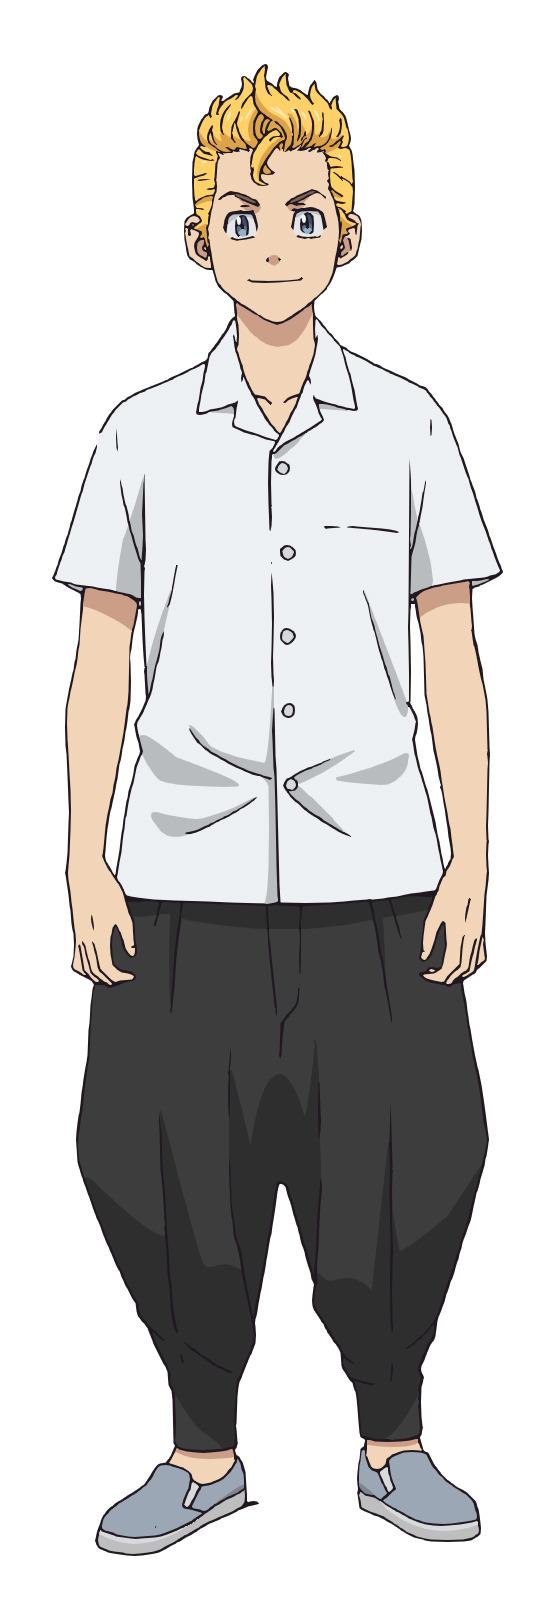 Un escenario de personajes del protagonista Takemichi Hanagaki como un delincuente de secundaria del próximo anime de televisión Tokyo Revengers.